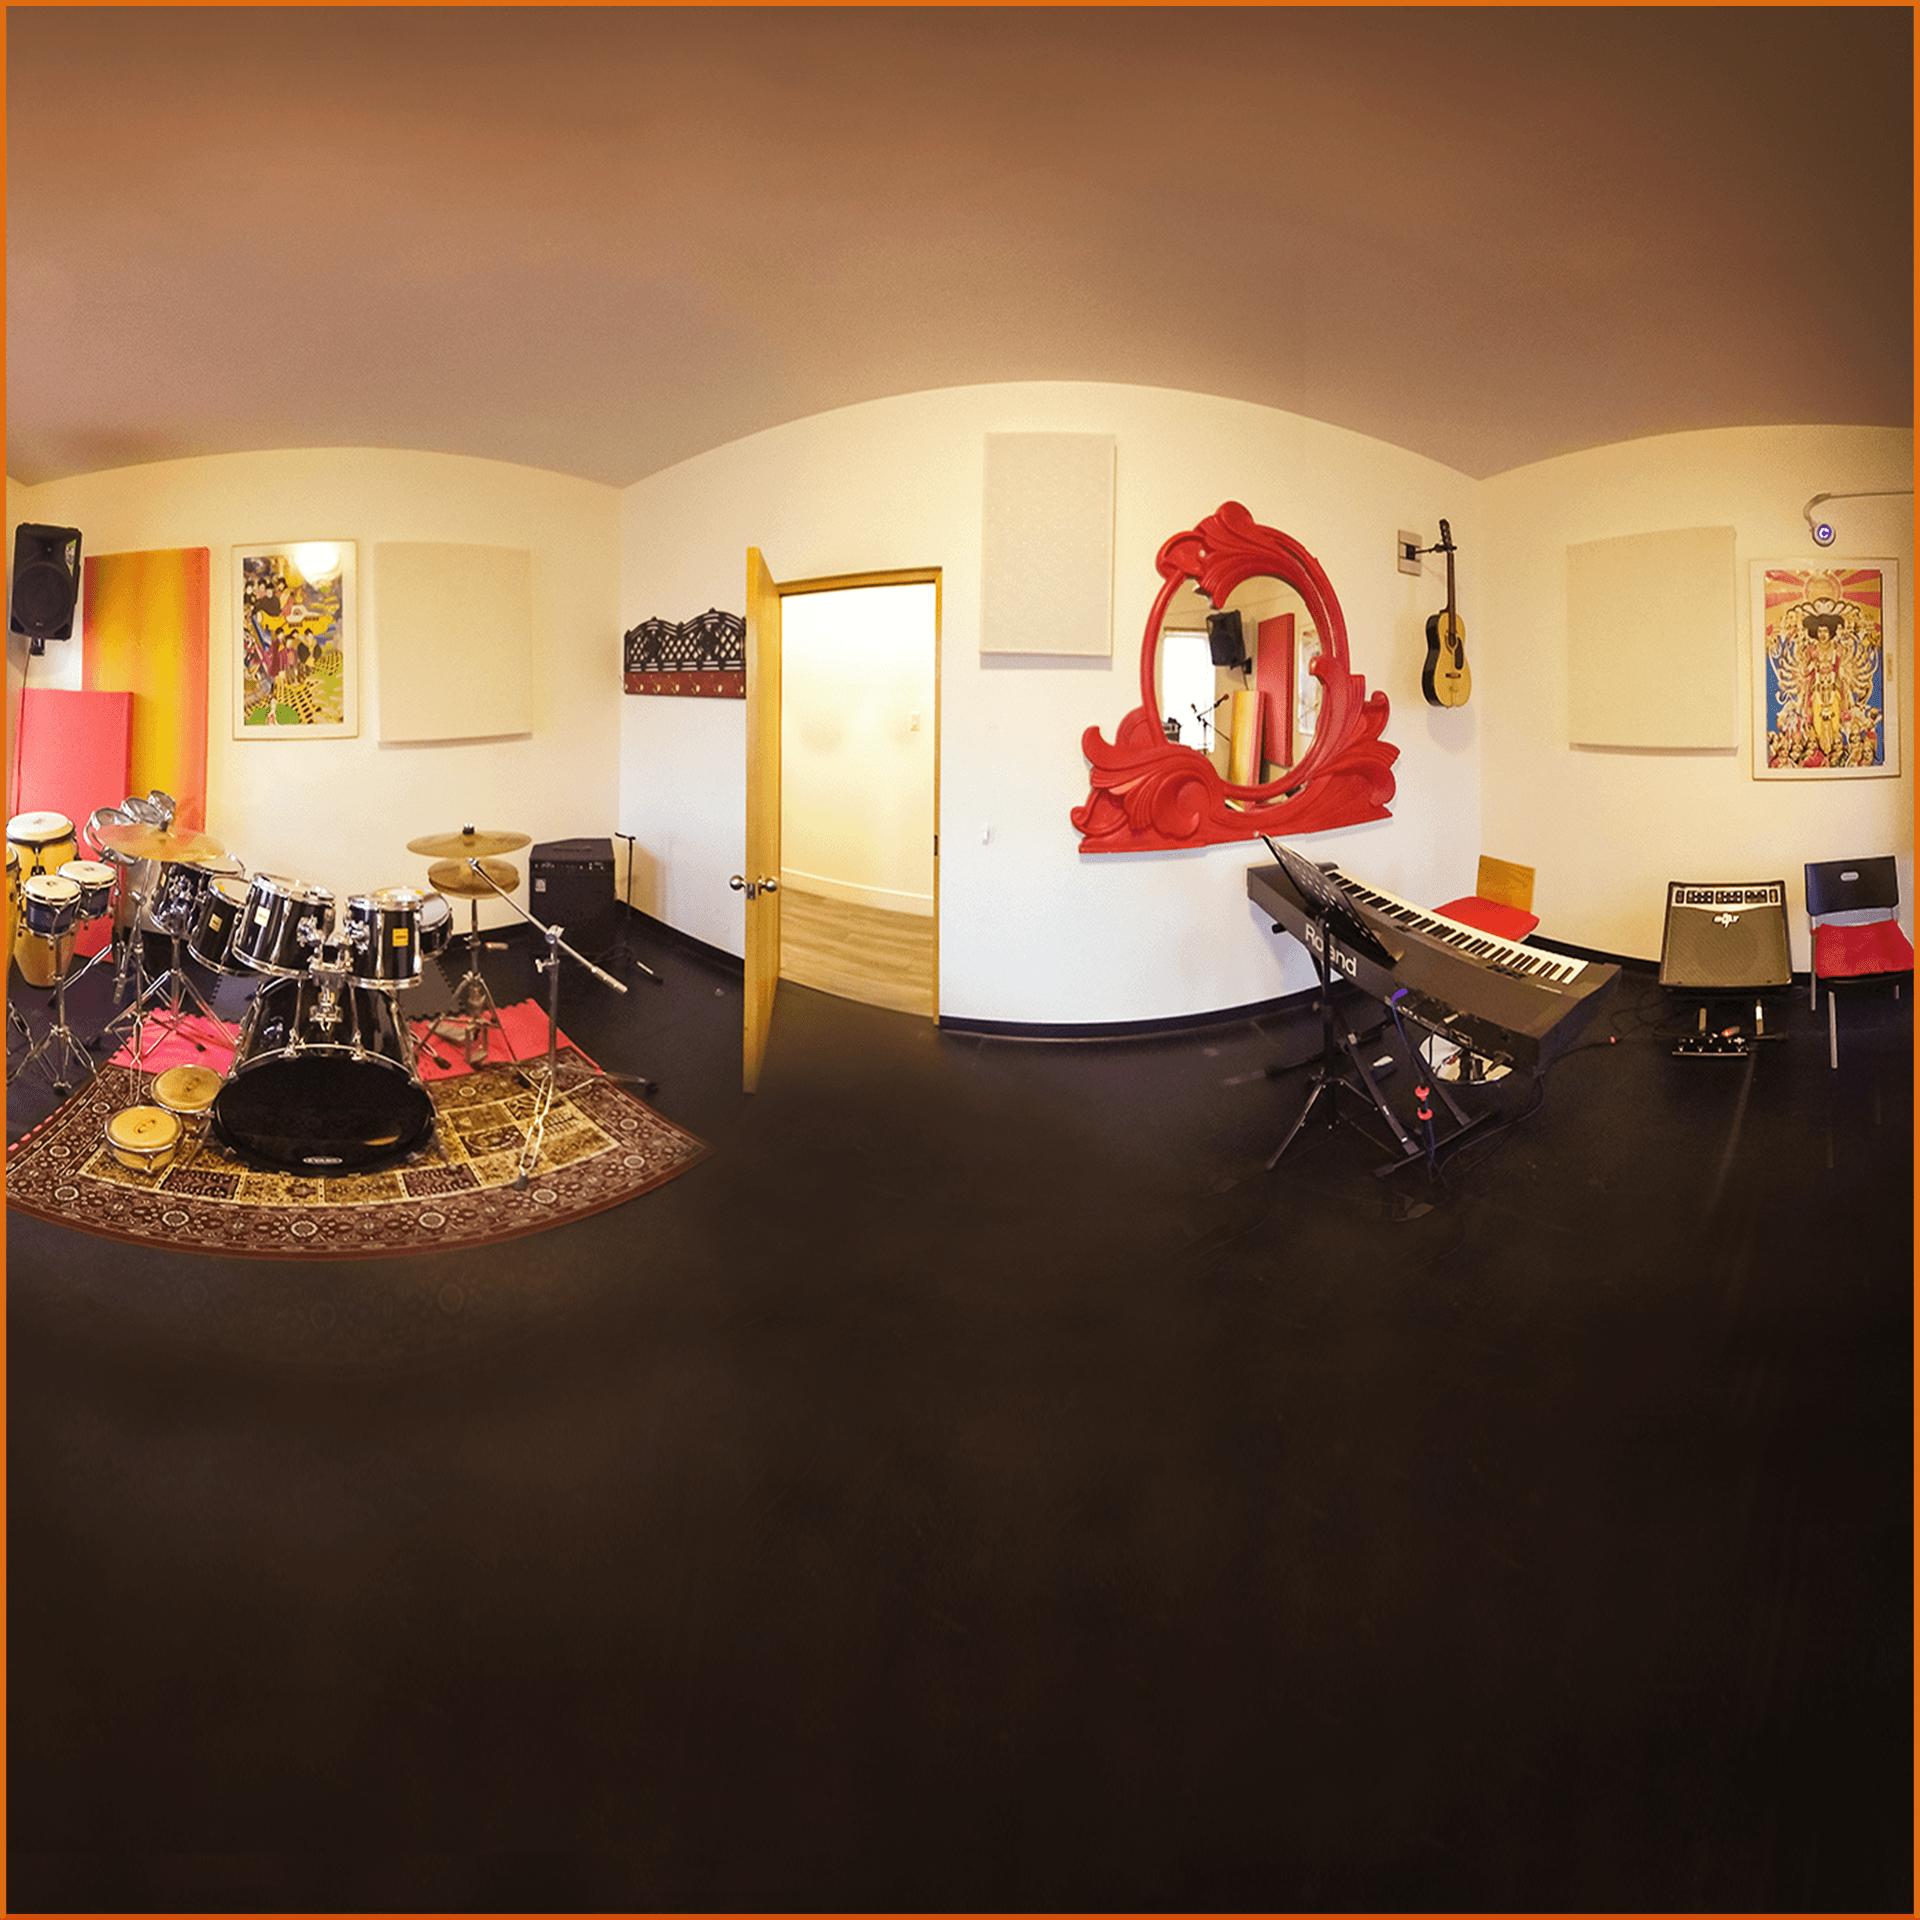 Studio G9 studio capable d'accueillir jusqu'à 8 musiciens et d'enregistrer votre session en 16 pistes séparées